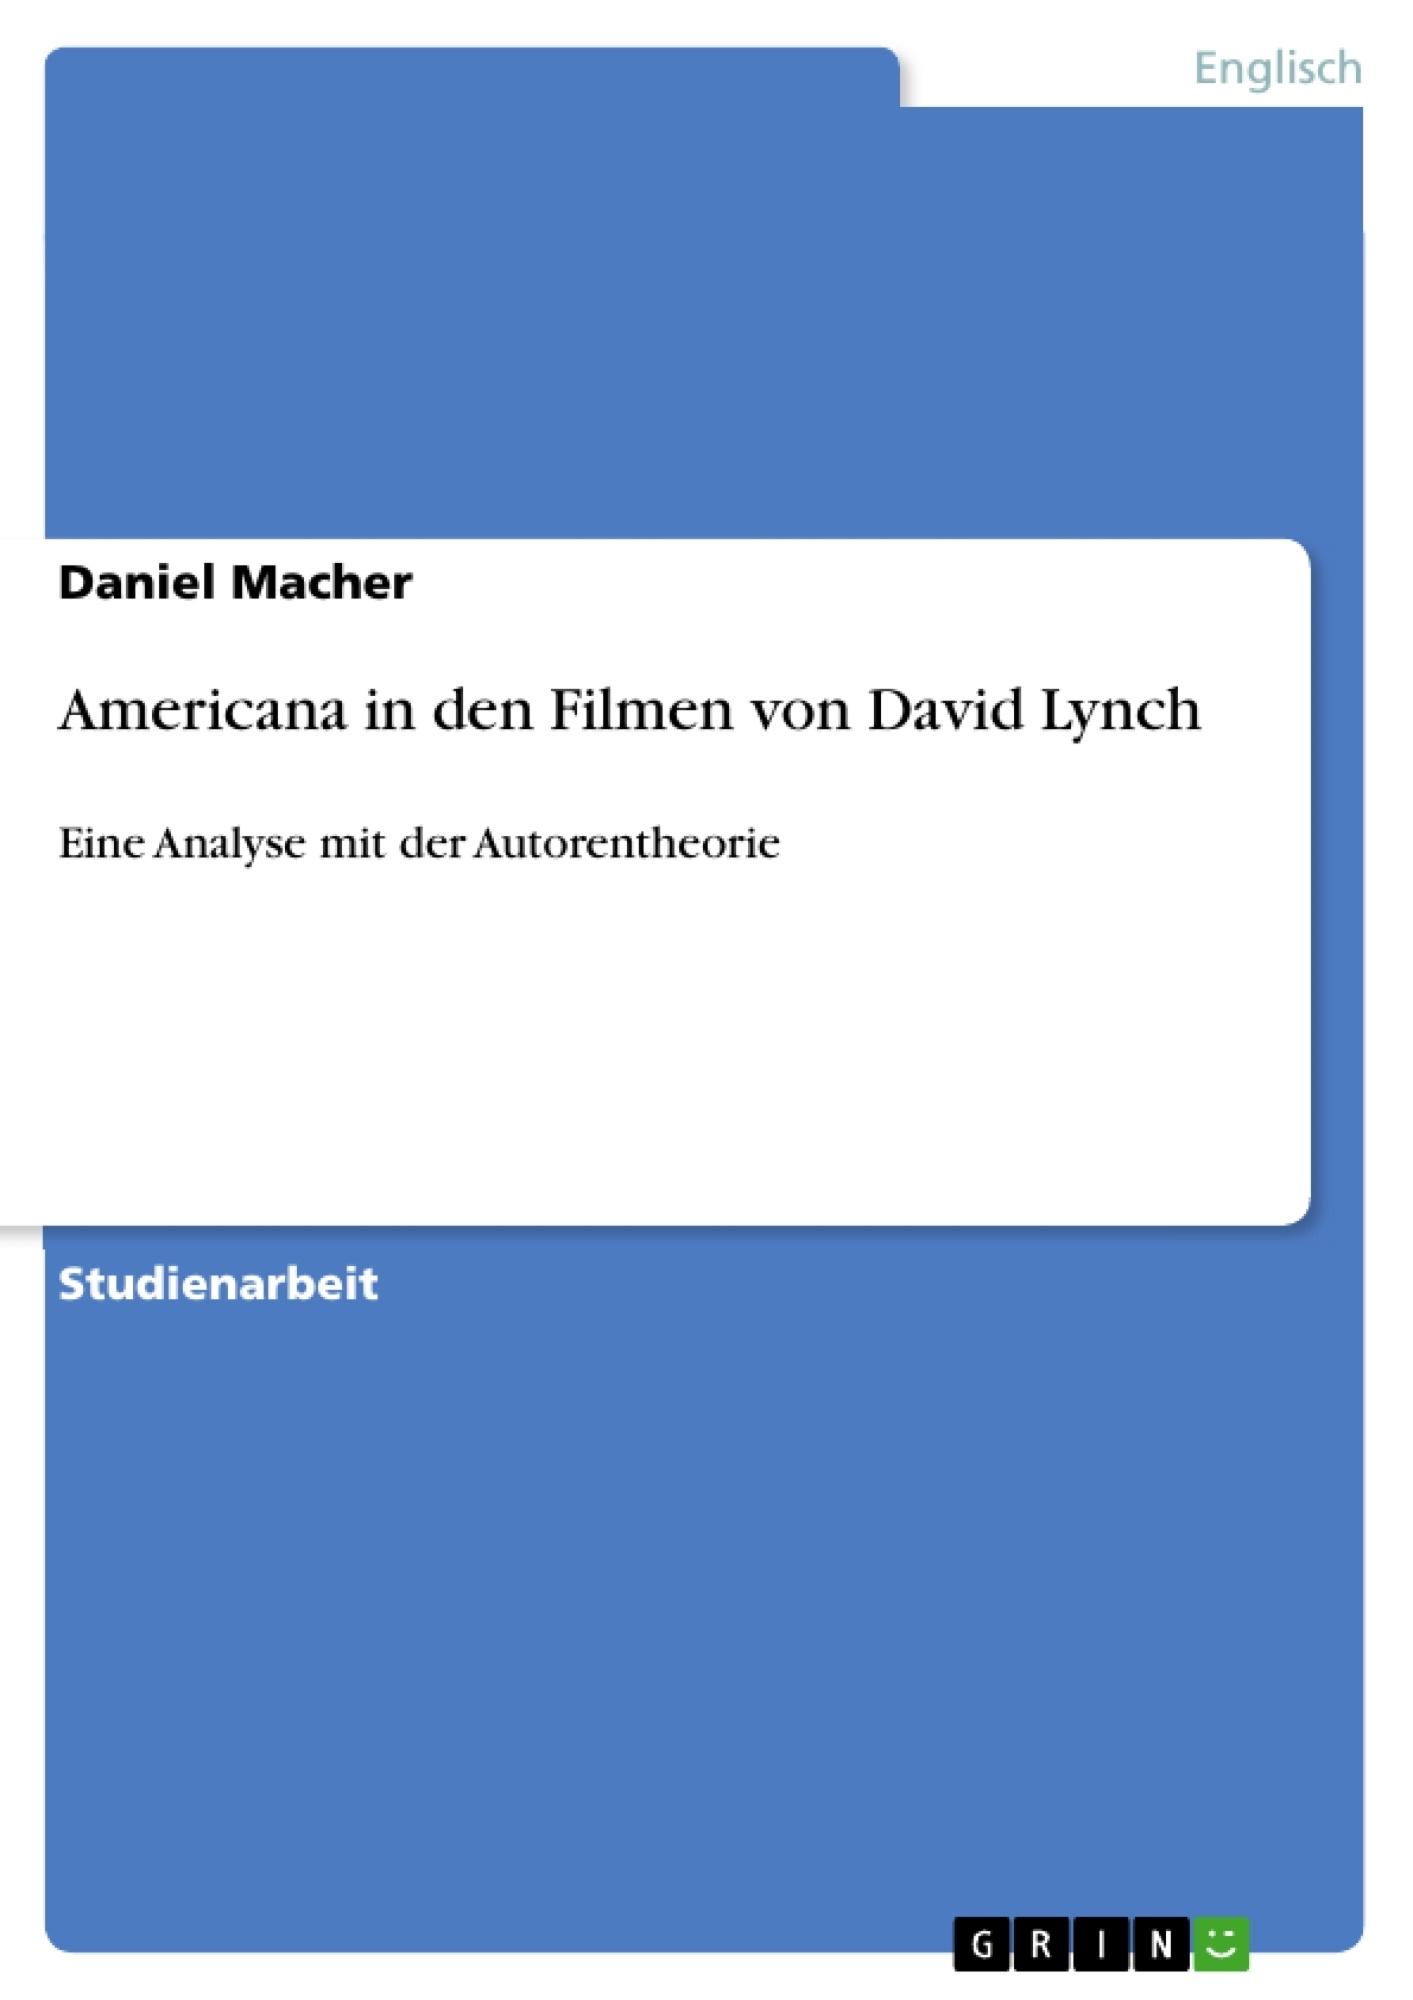 Titel: Americana in den Filmen von David Lynch